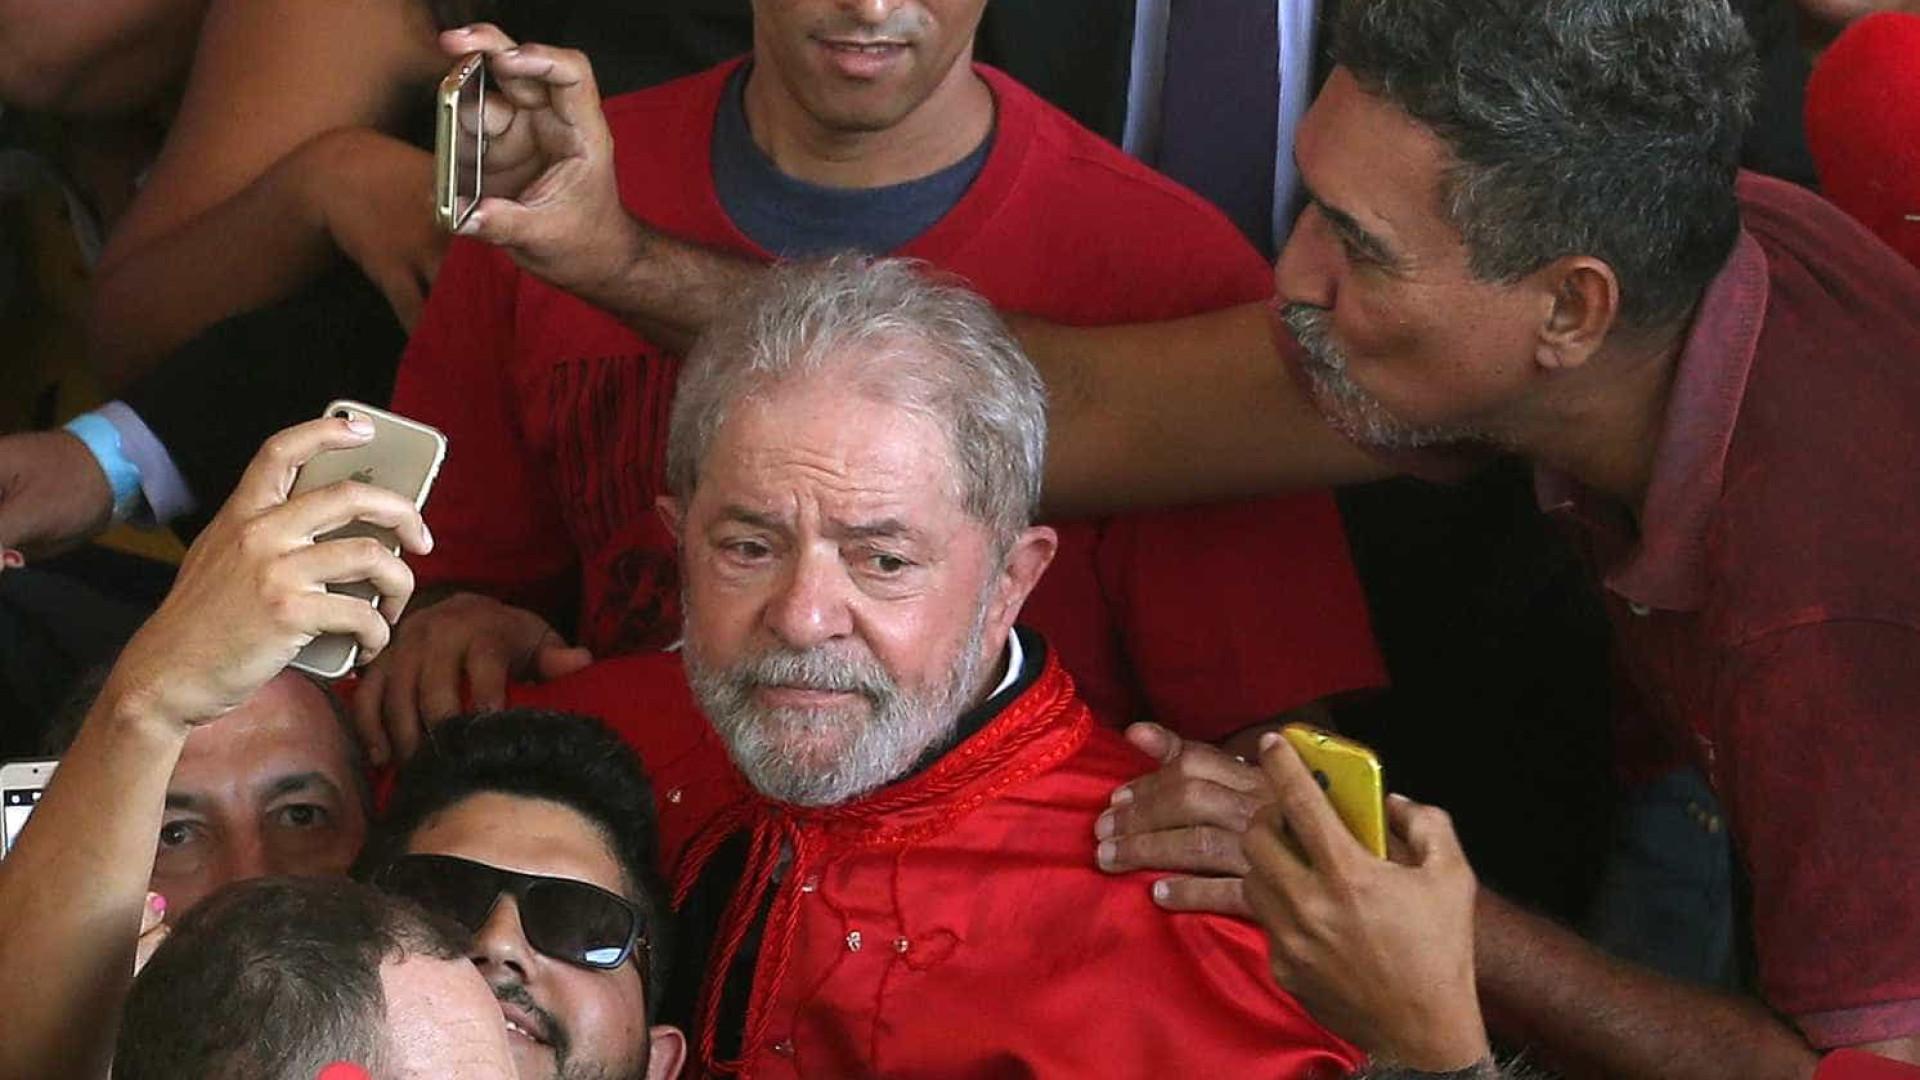 Em caravana, Lula diz que vai à briga caso concorra à Presidência